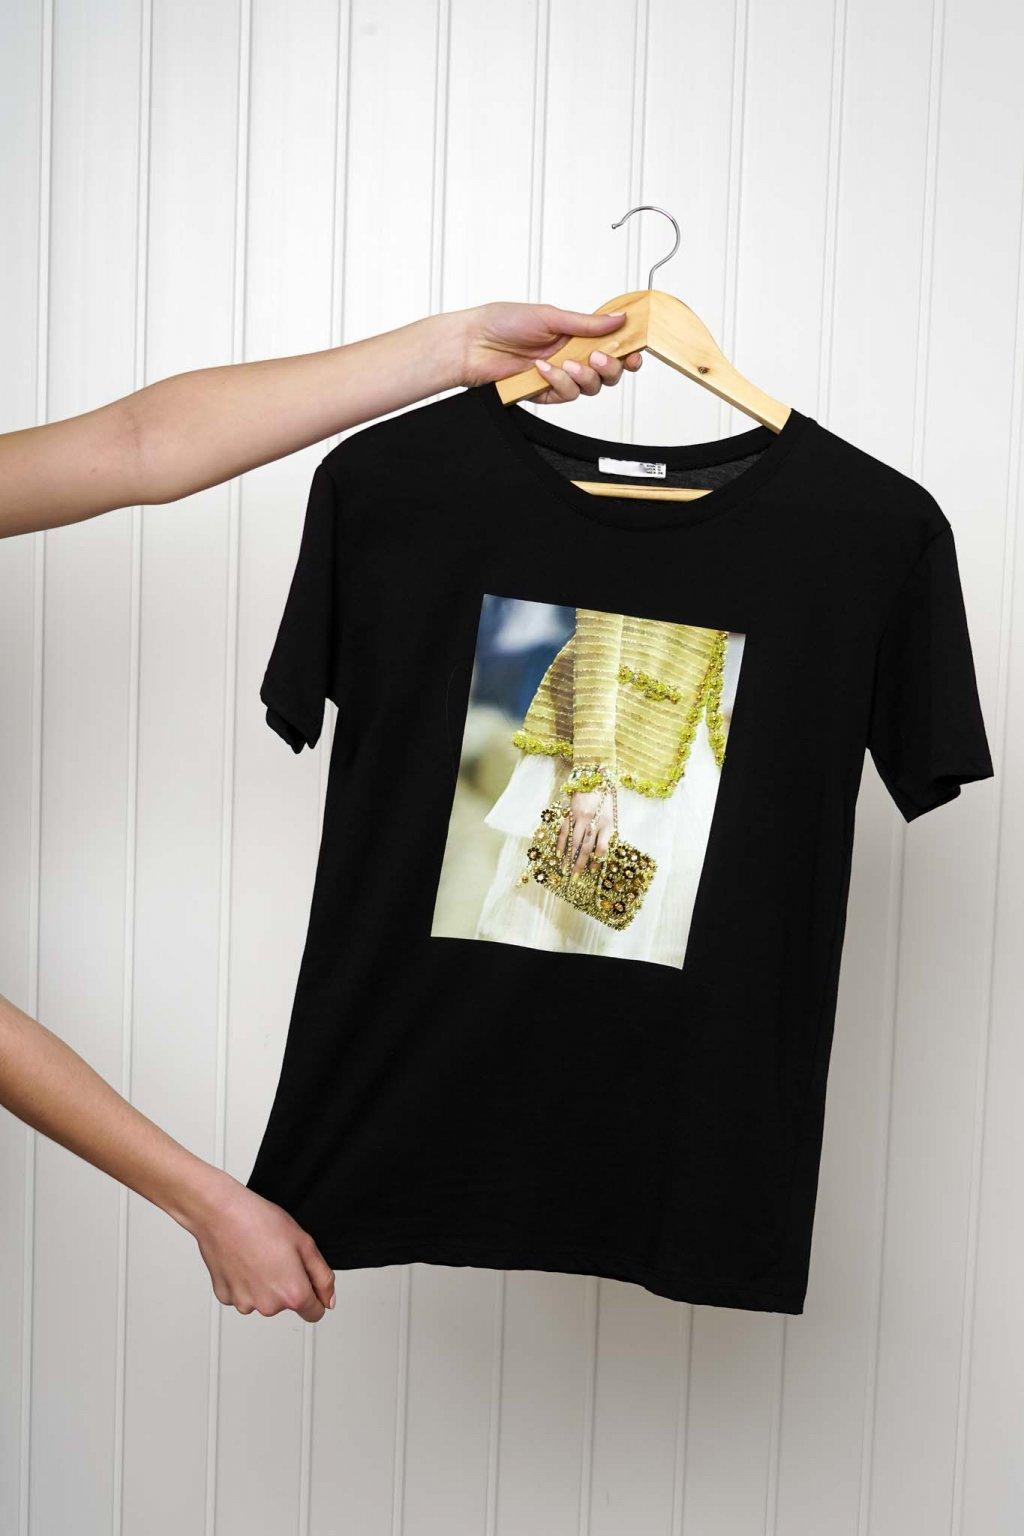 tričko, tričkové šaty, biele, čierne, žlté, vzorované, potlač, vyšívané, nášivky, fialové, street style, 270